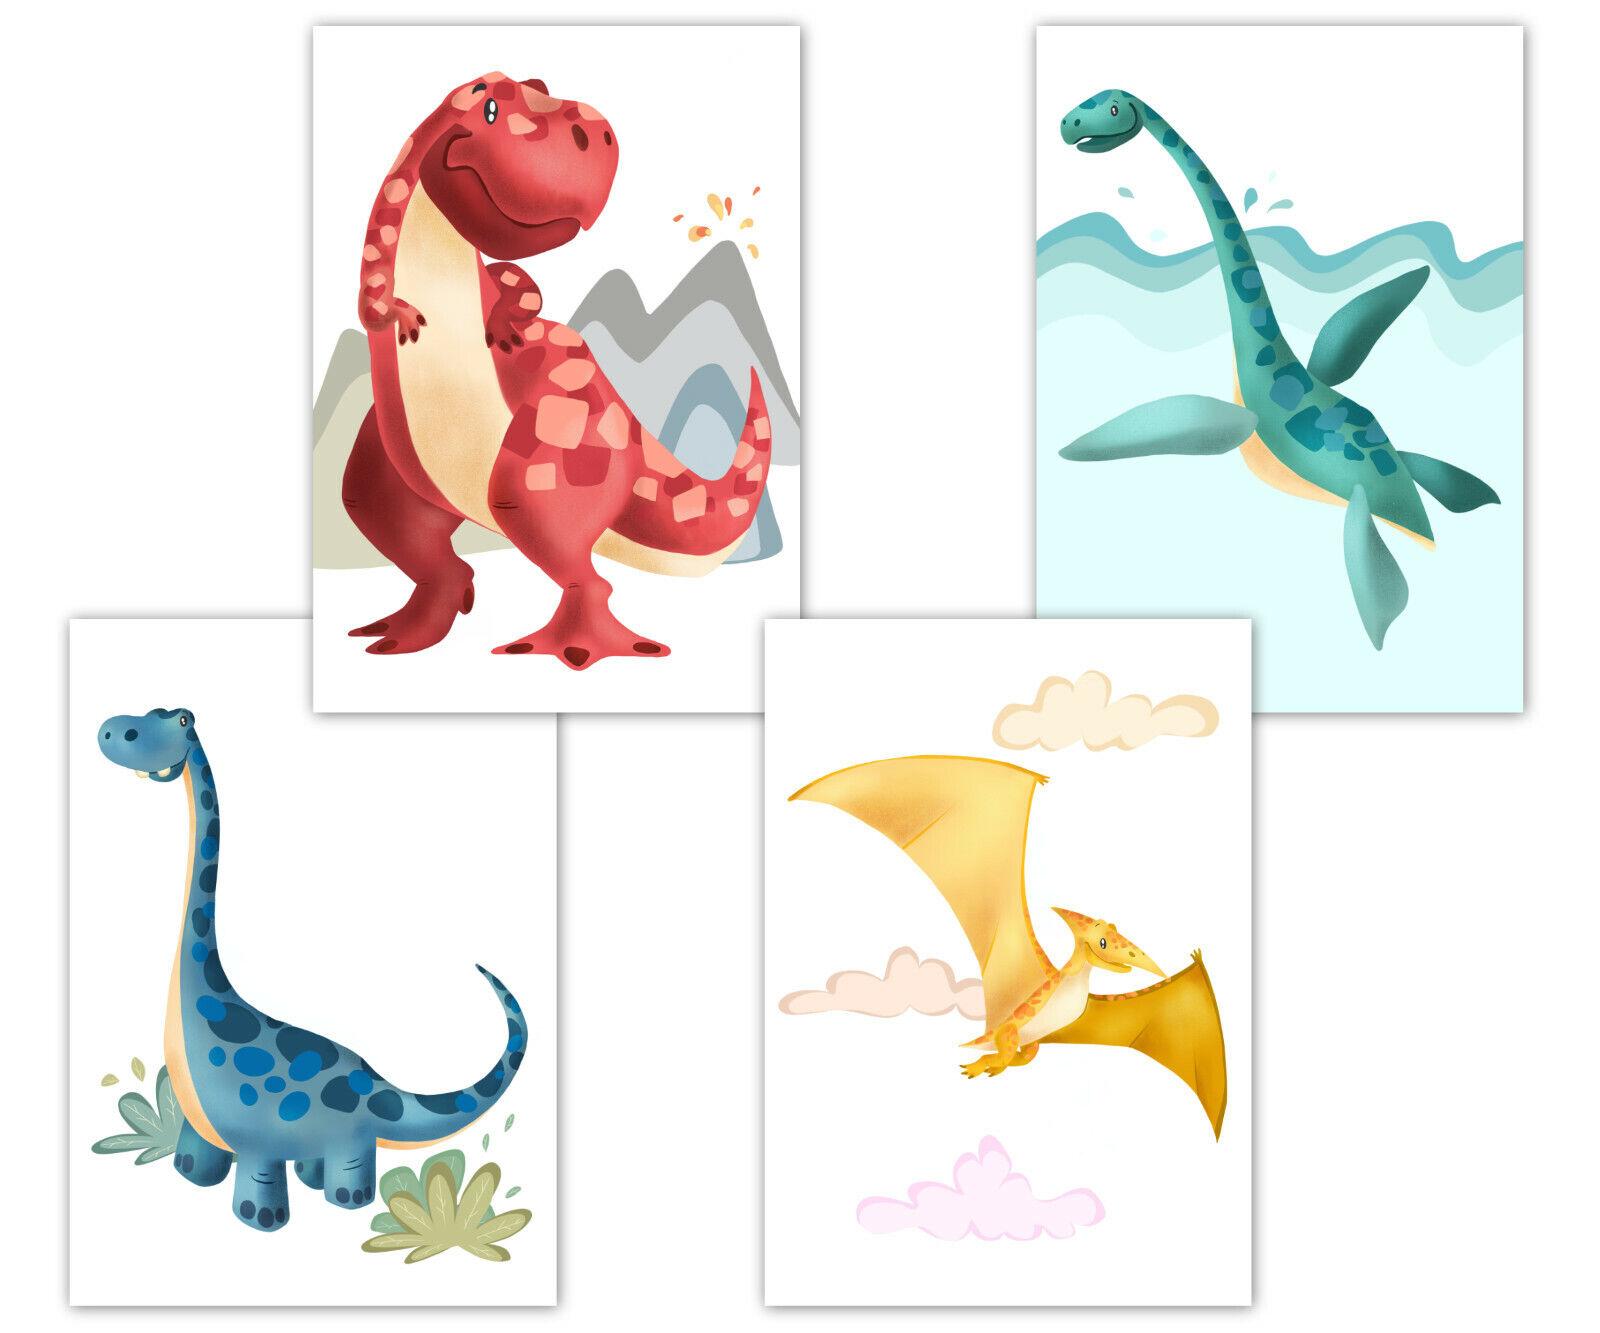 Dino Poster Kinderzimmer, Deko für Babyzimmer, Kinderposter Set, Dinosaurier